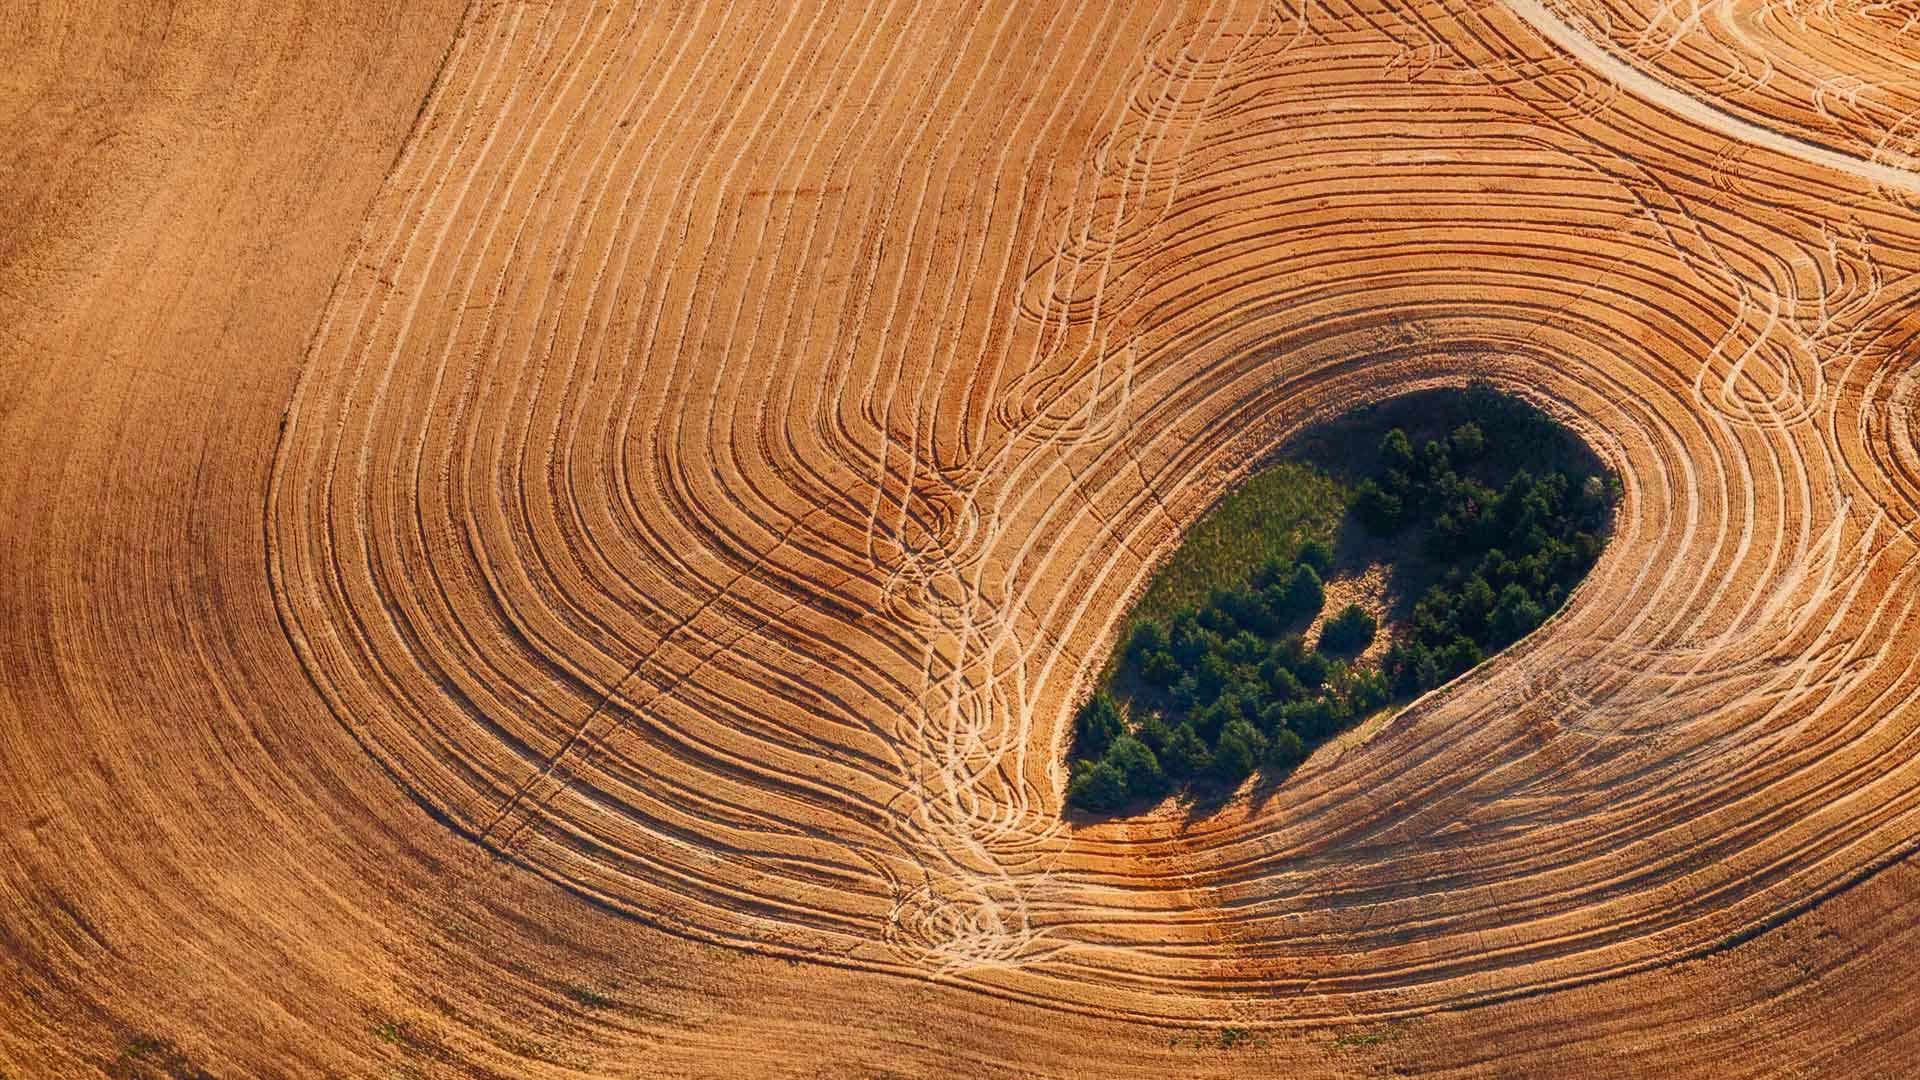 华盛顿州帕卢斯地区的农田